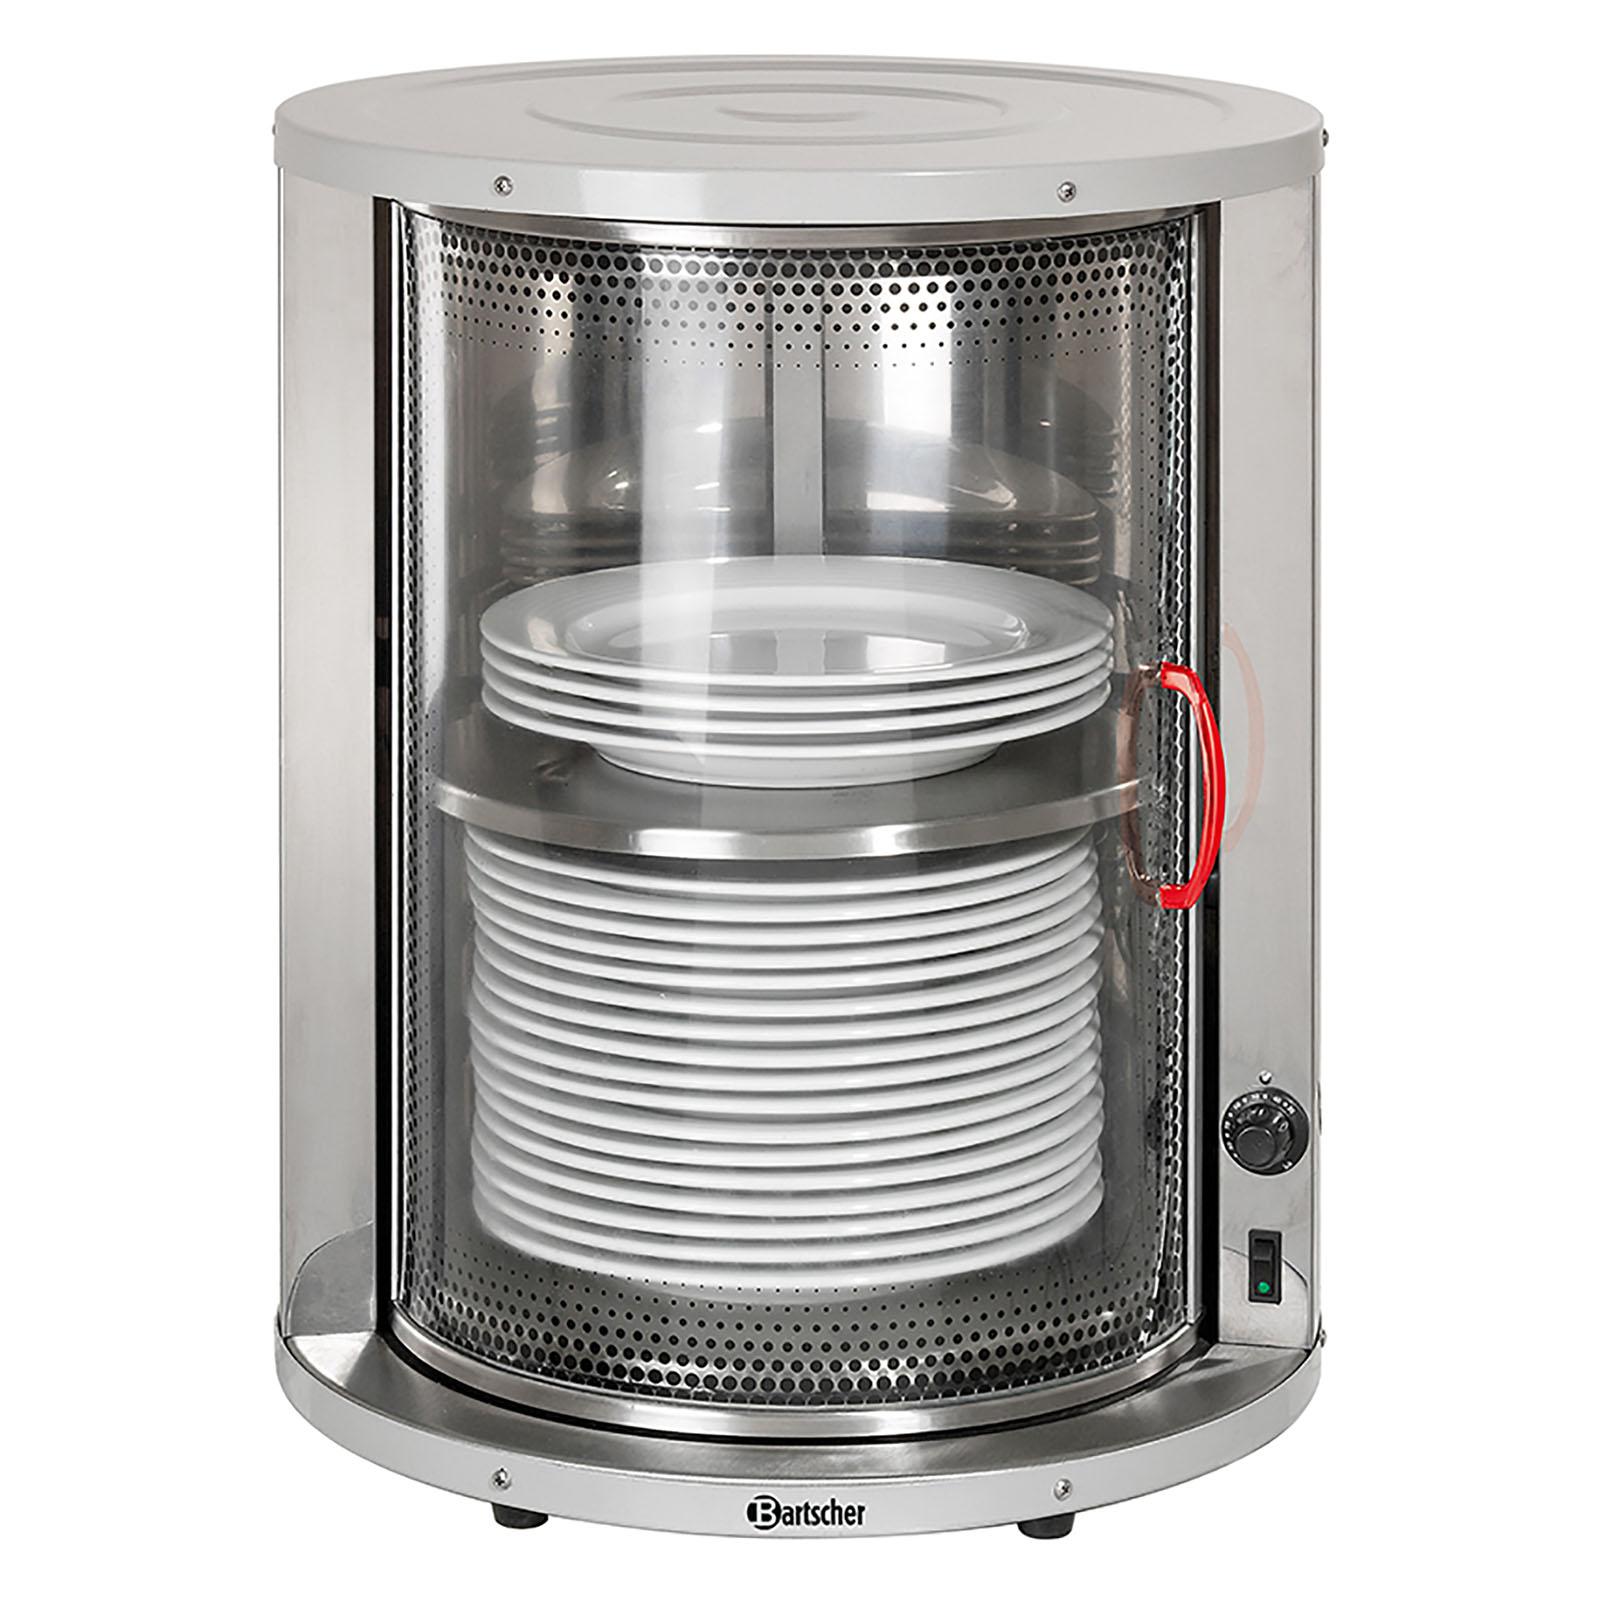 Bartscher Tellerwärmer - für 30-40 Teller, CNS 103069